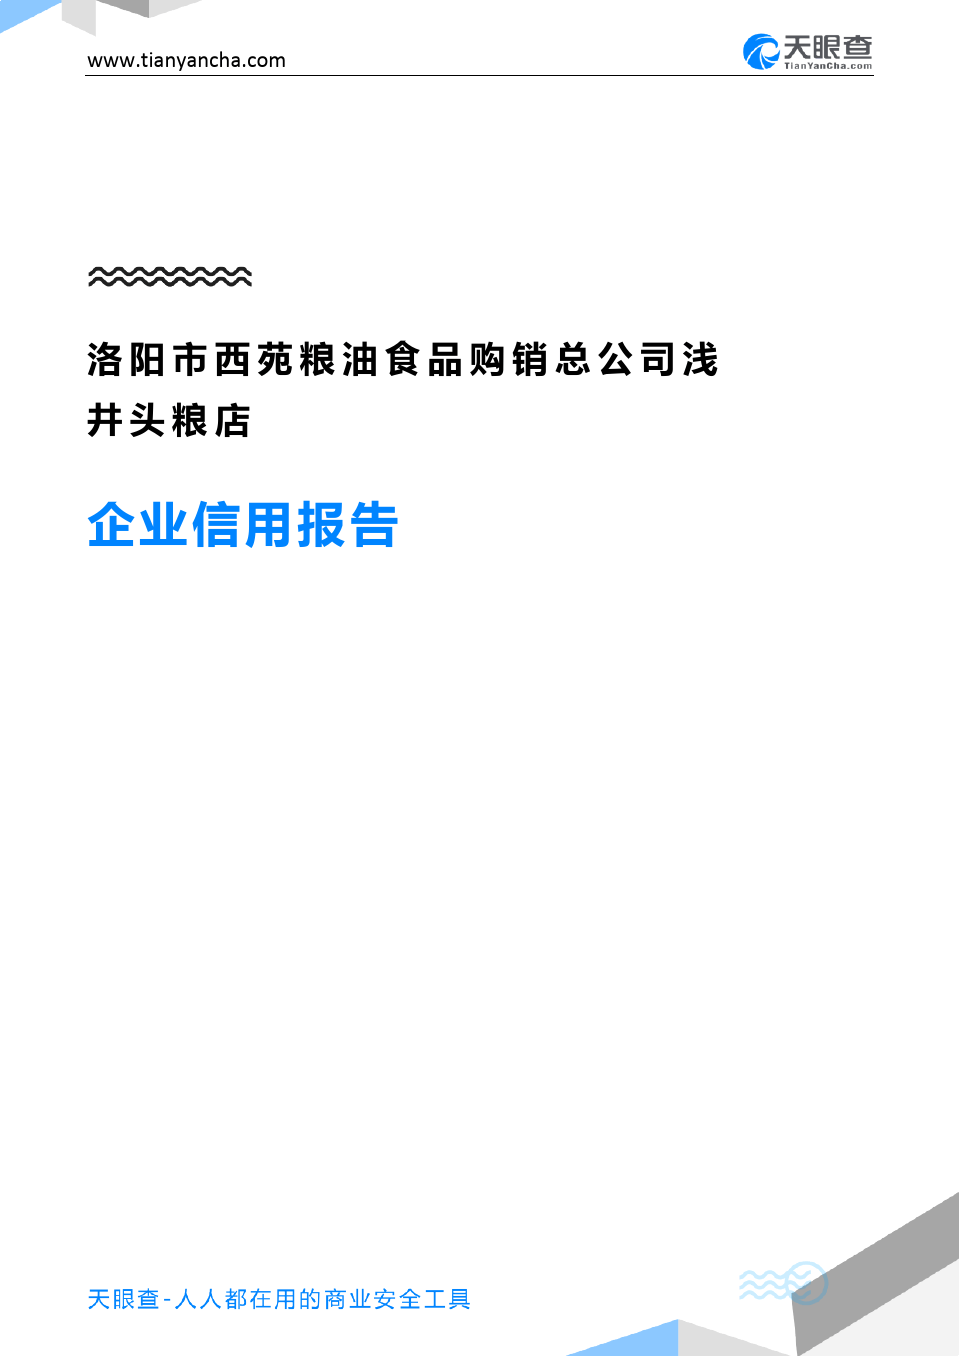 洛阳市西苑粮油食品购销总公司浅井头粮店企业信用报告-天眼查